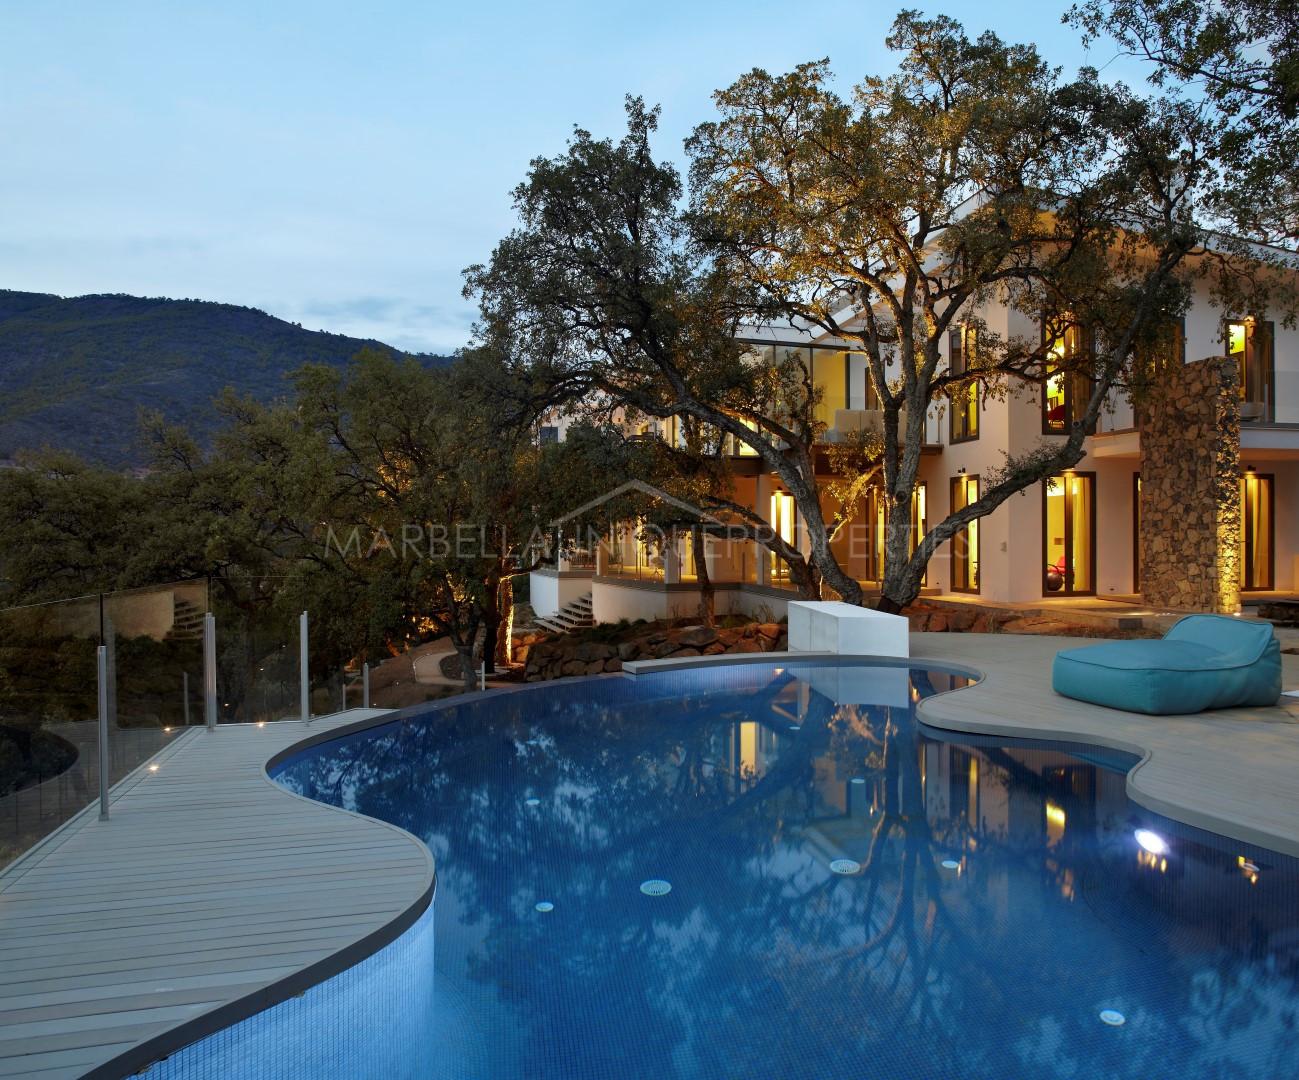 The Best Properties in La Zagaleta - Marbella Unique Properties - Magnificent brand new contemporary 4 bedroom villa in La Zagaleta, 5.900.000€